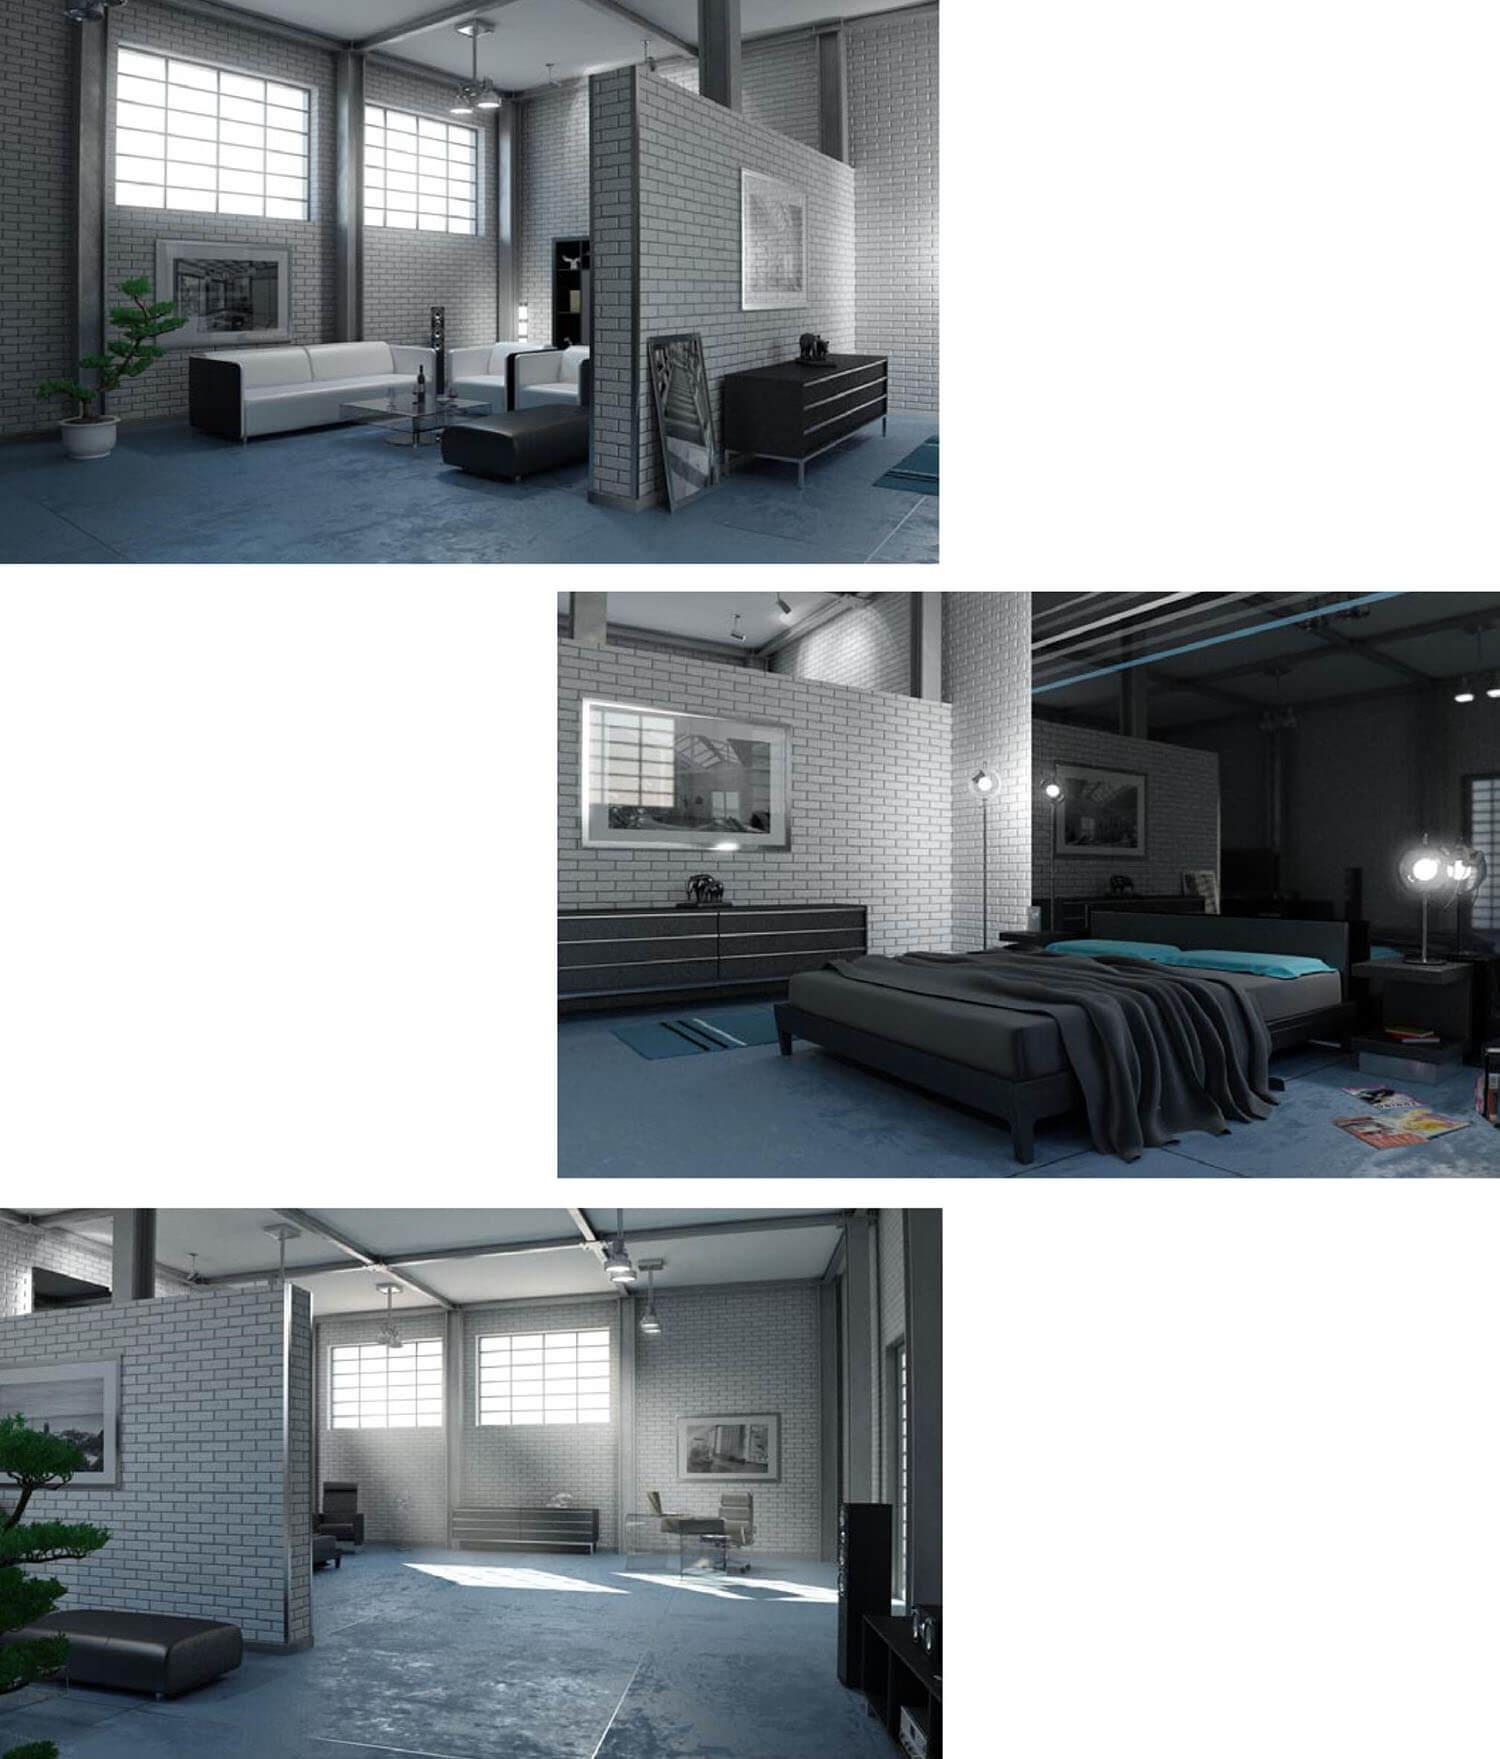 Nội thất phòng khách bên cạnh cùng đèn trần và cửa sổ đón ánh sáng